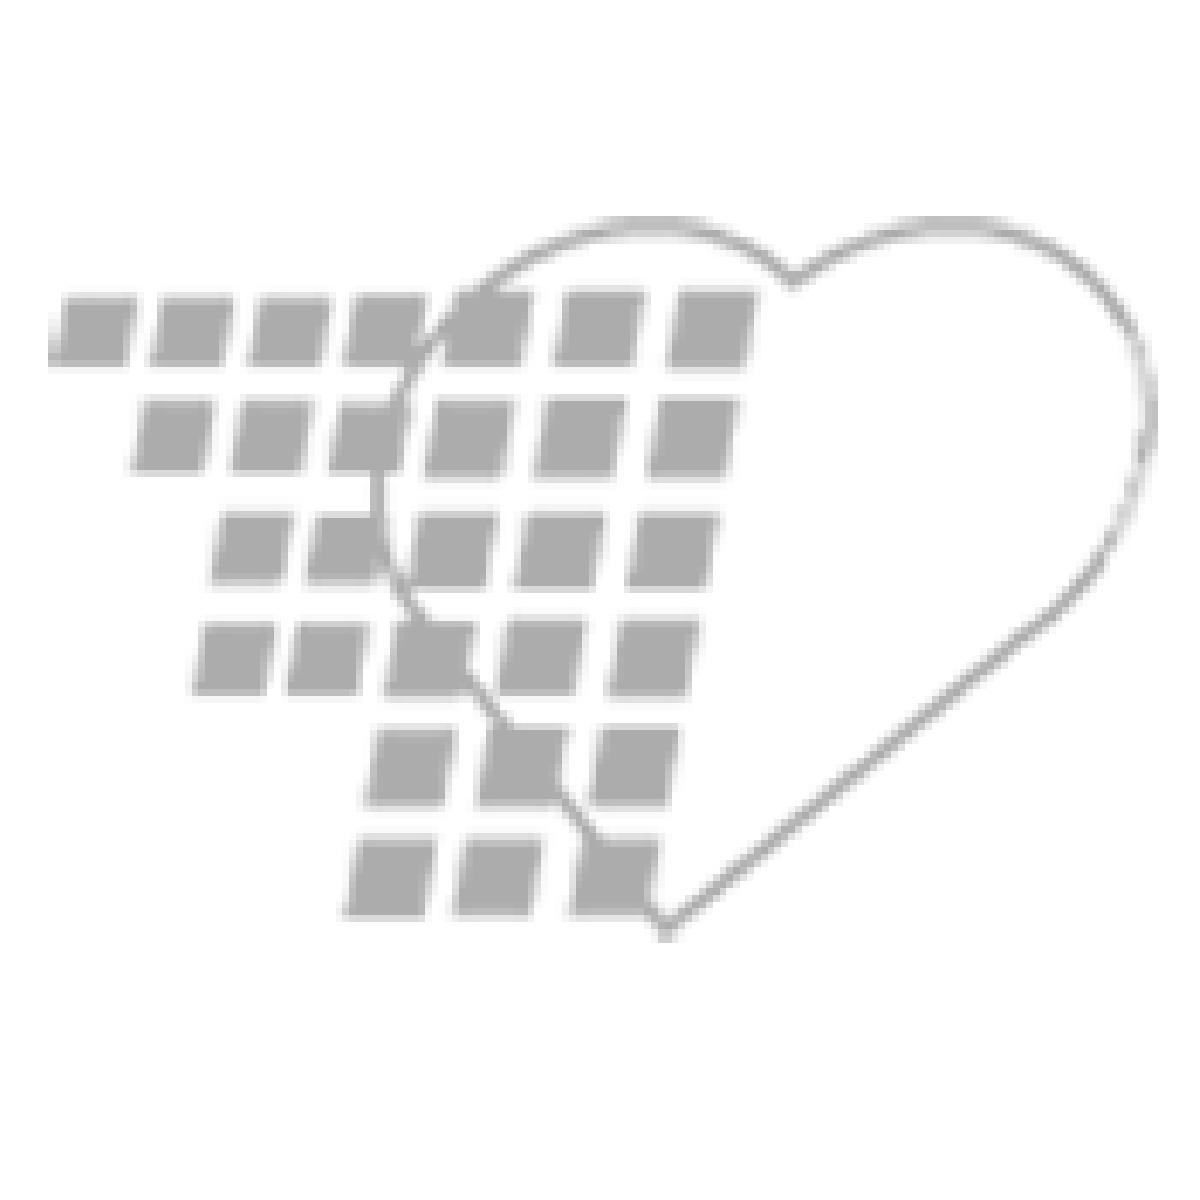 05-74-0836 - DawnMist® Rinse Free Shampoo and Body Bath - 8oz